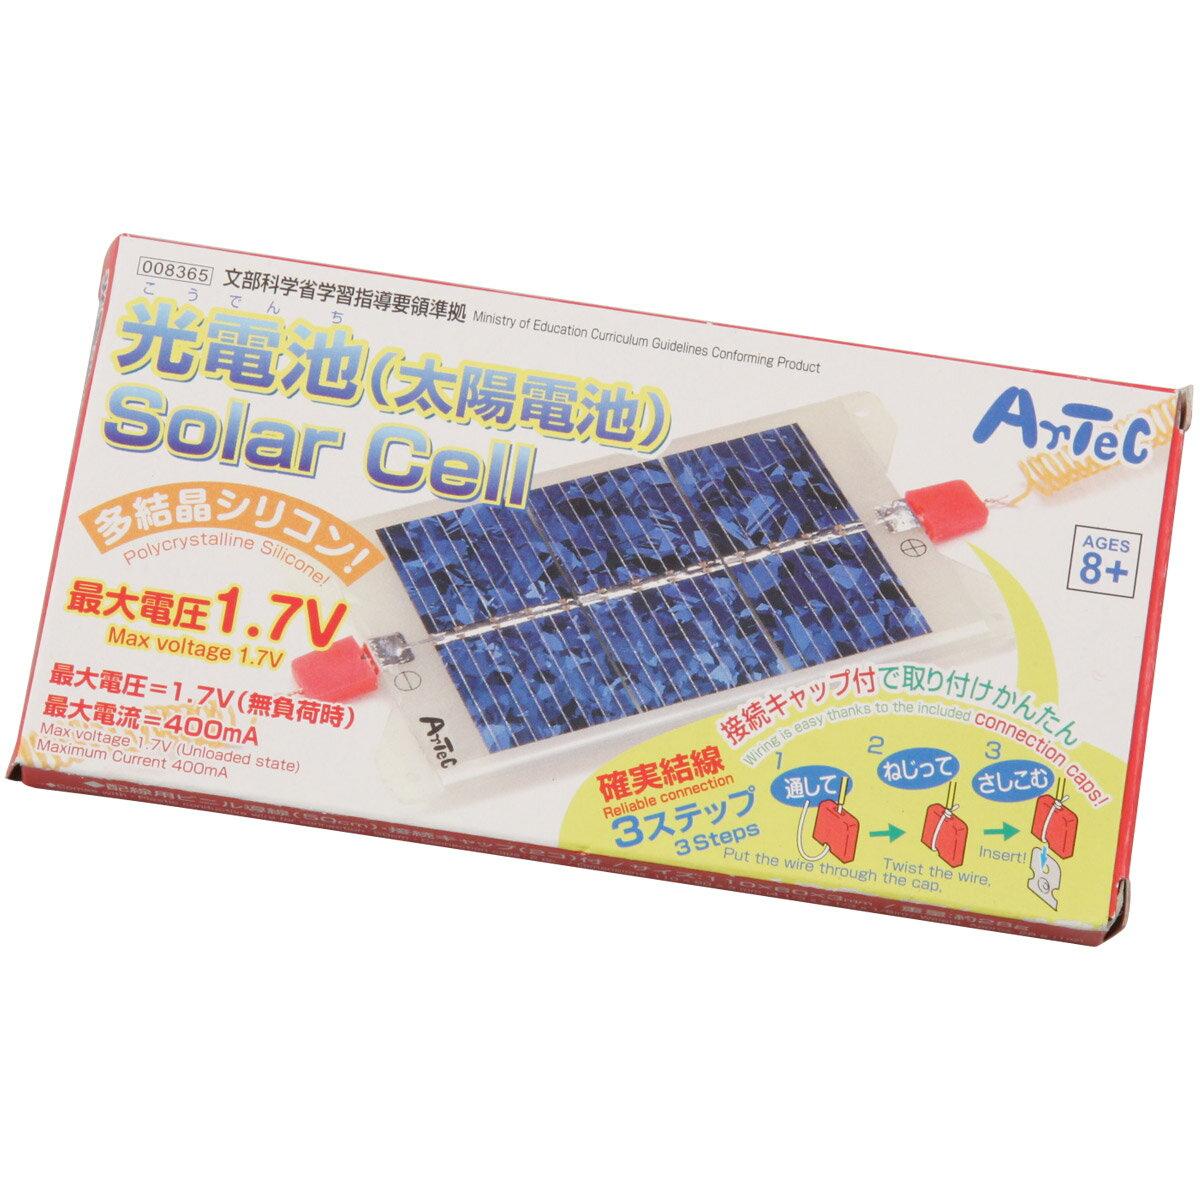 【スーパーセール クーポン配布中 〜6/21 1:59】科学 工作 光電池(太陽電池) ソーラーカー おもちゃ